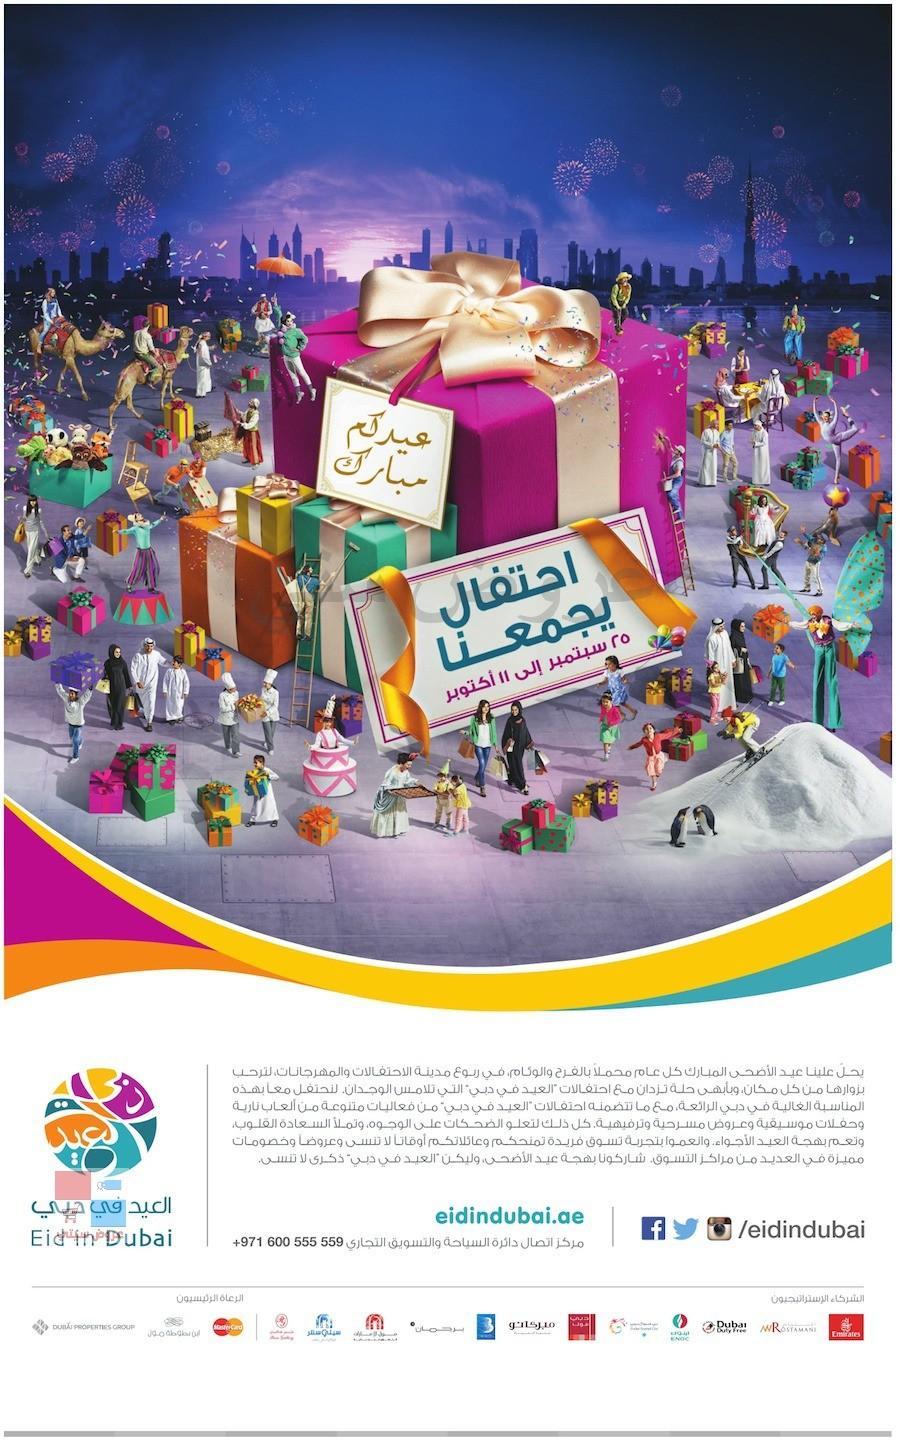 العيد في دبي 2014 eid in dubai yY8evn.jpg